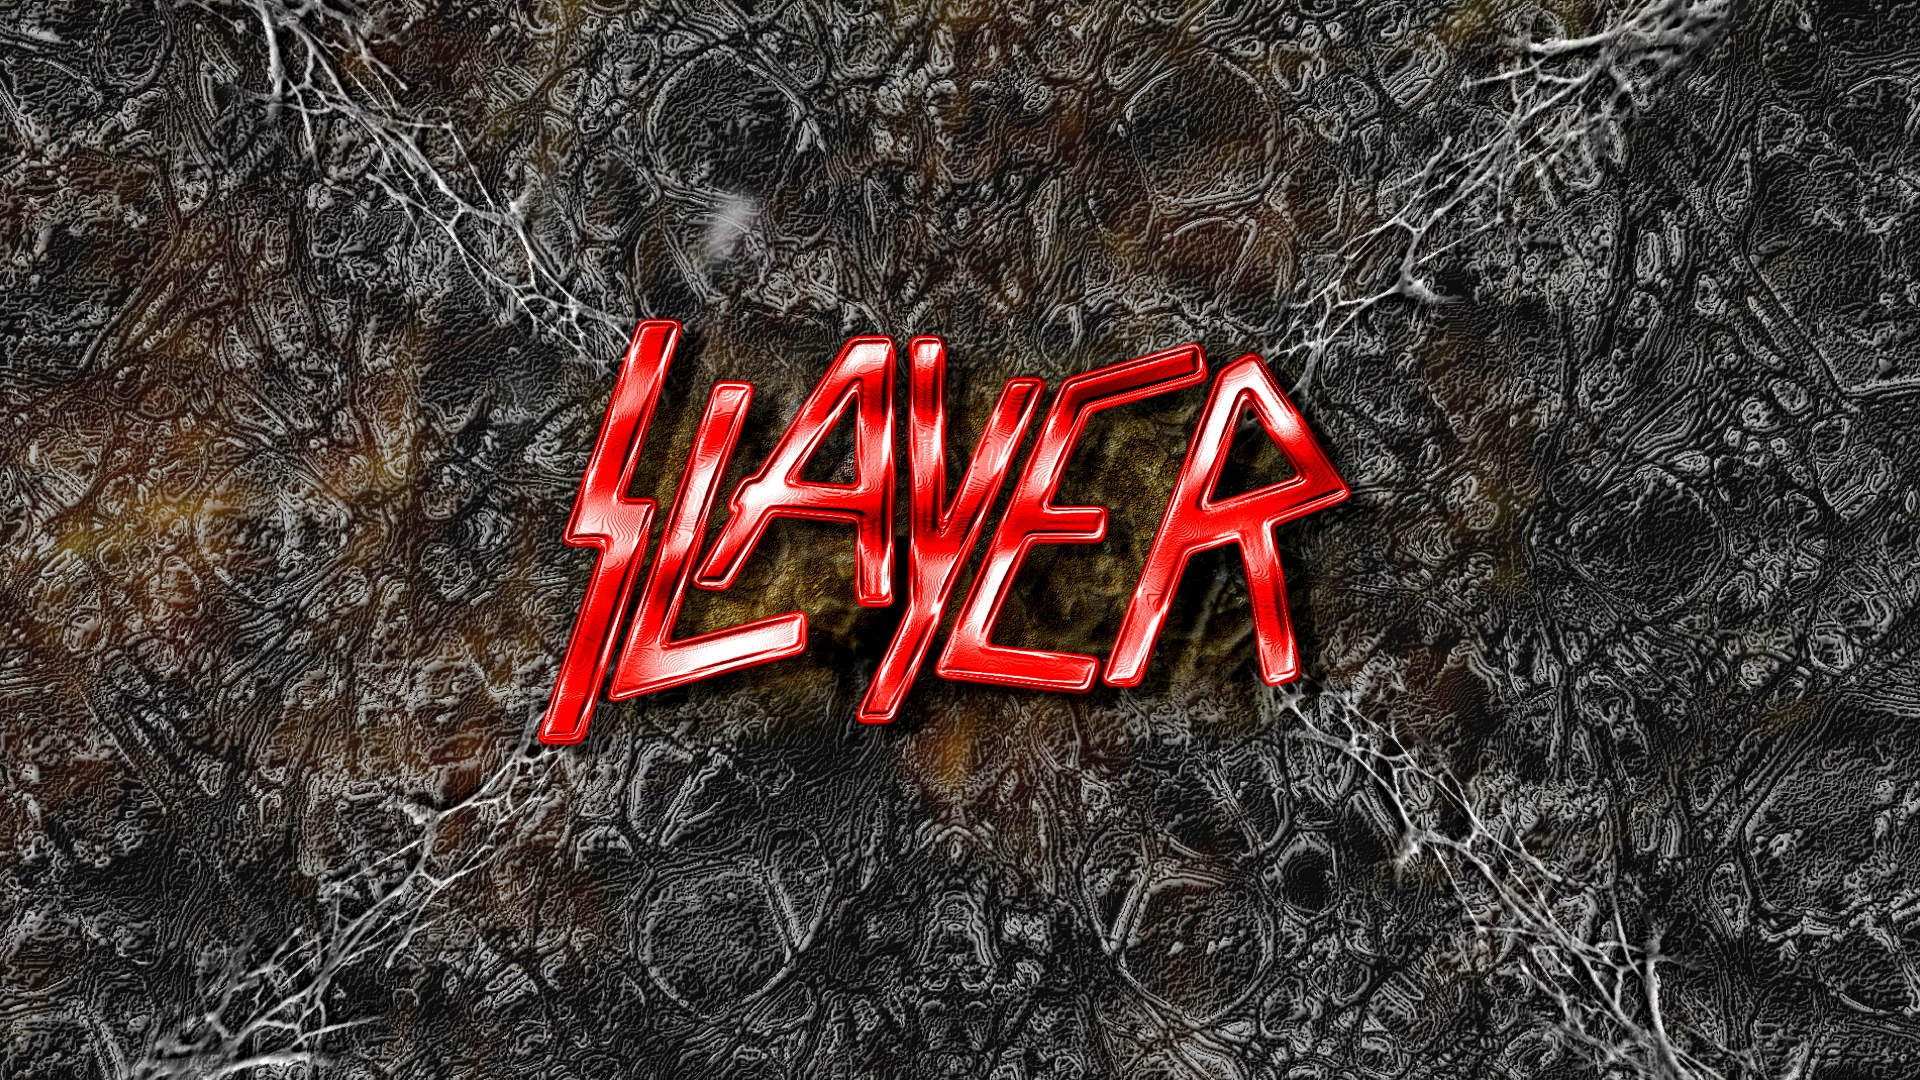 Slayer Wallpapers Best HD Desktop Wallpapers Widescreen Wallpapers 1920x1080